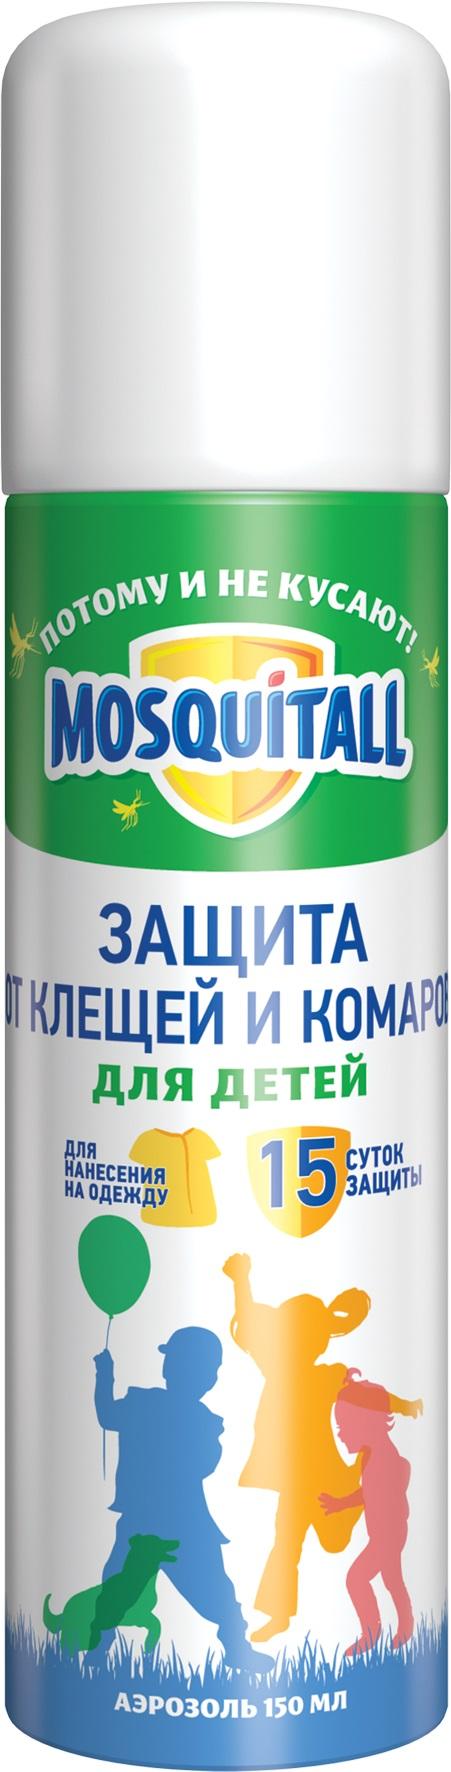 Средство от насекомых Mosquitall Нежная защита для детей, 150 мл , от комаров и клещей спрей от комаров mosquitall